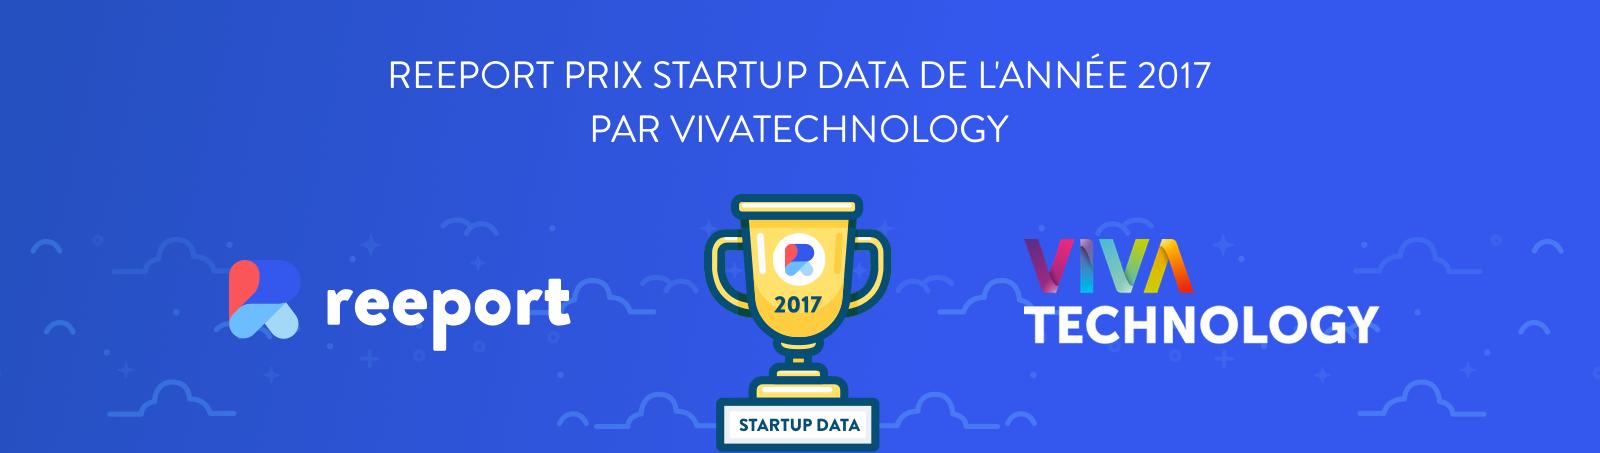 startup data 2017 Reeport